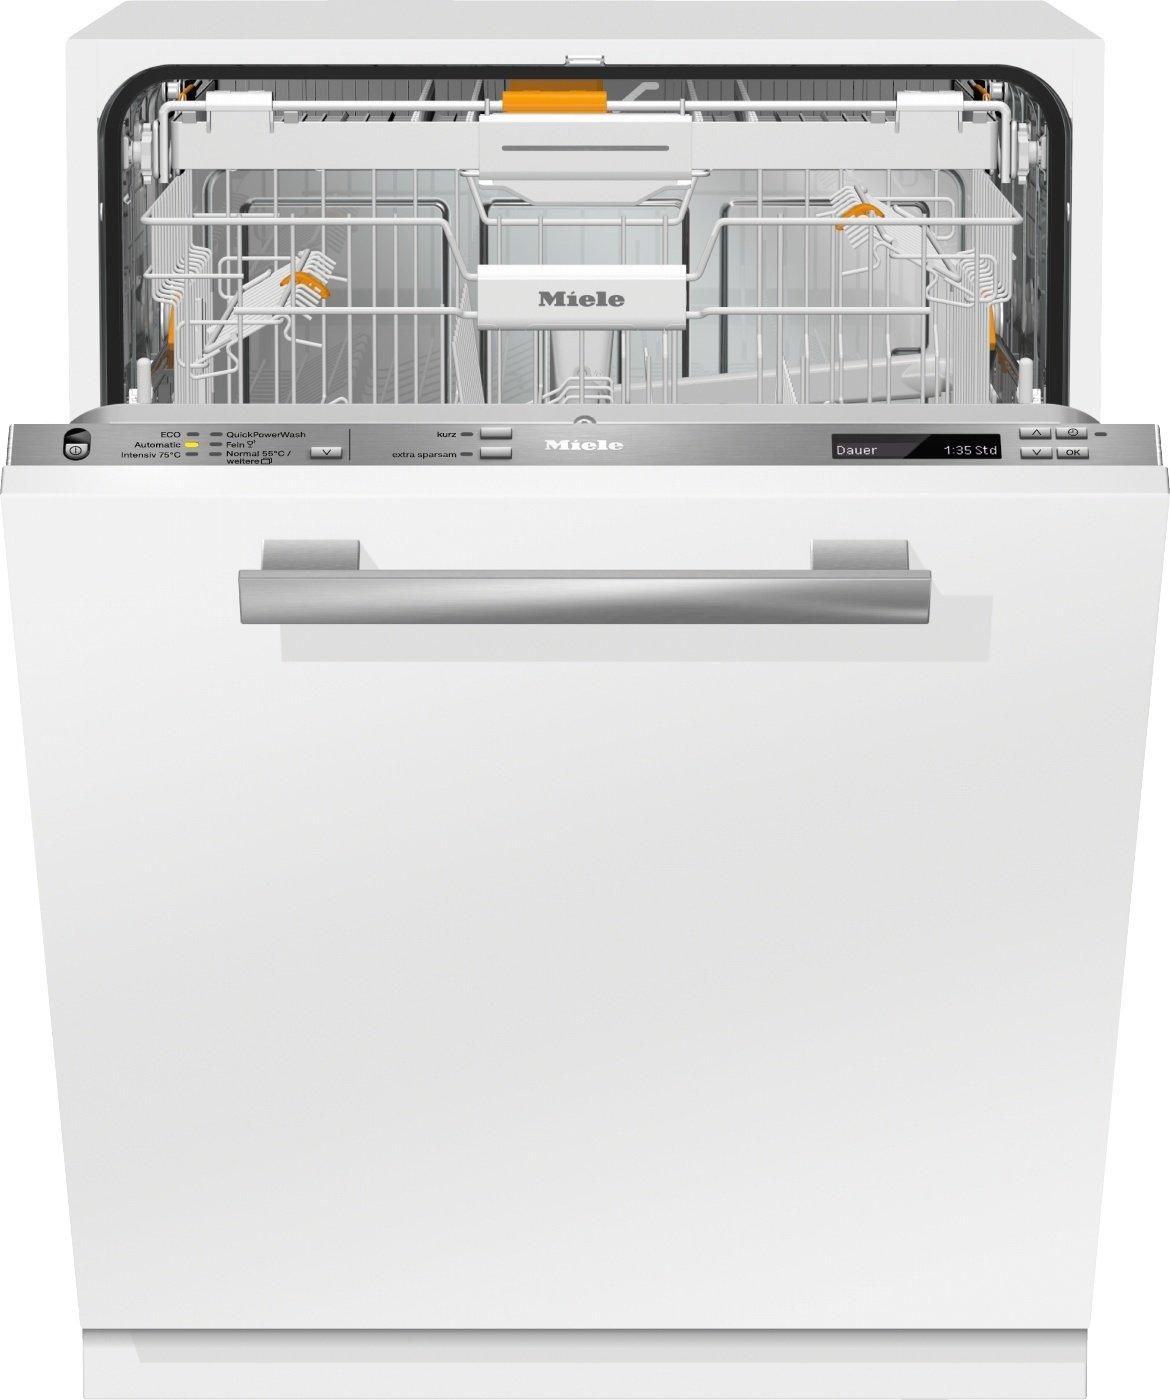 Miele G6775 SCVi XXL D ED230 2, 0 Geschirrspüler Vollintegriert / A+++ / 213 kWh / 14 MGD / QuickPowerWash / Alles restlos trocken AutoOpen-Trocknung [Energieklasse A+++] G6775 SCVi XXL D ED230 2